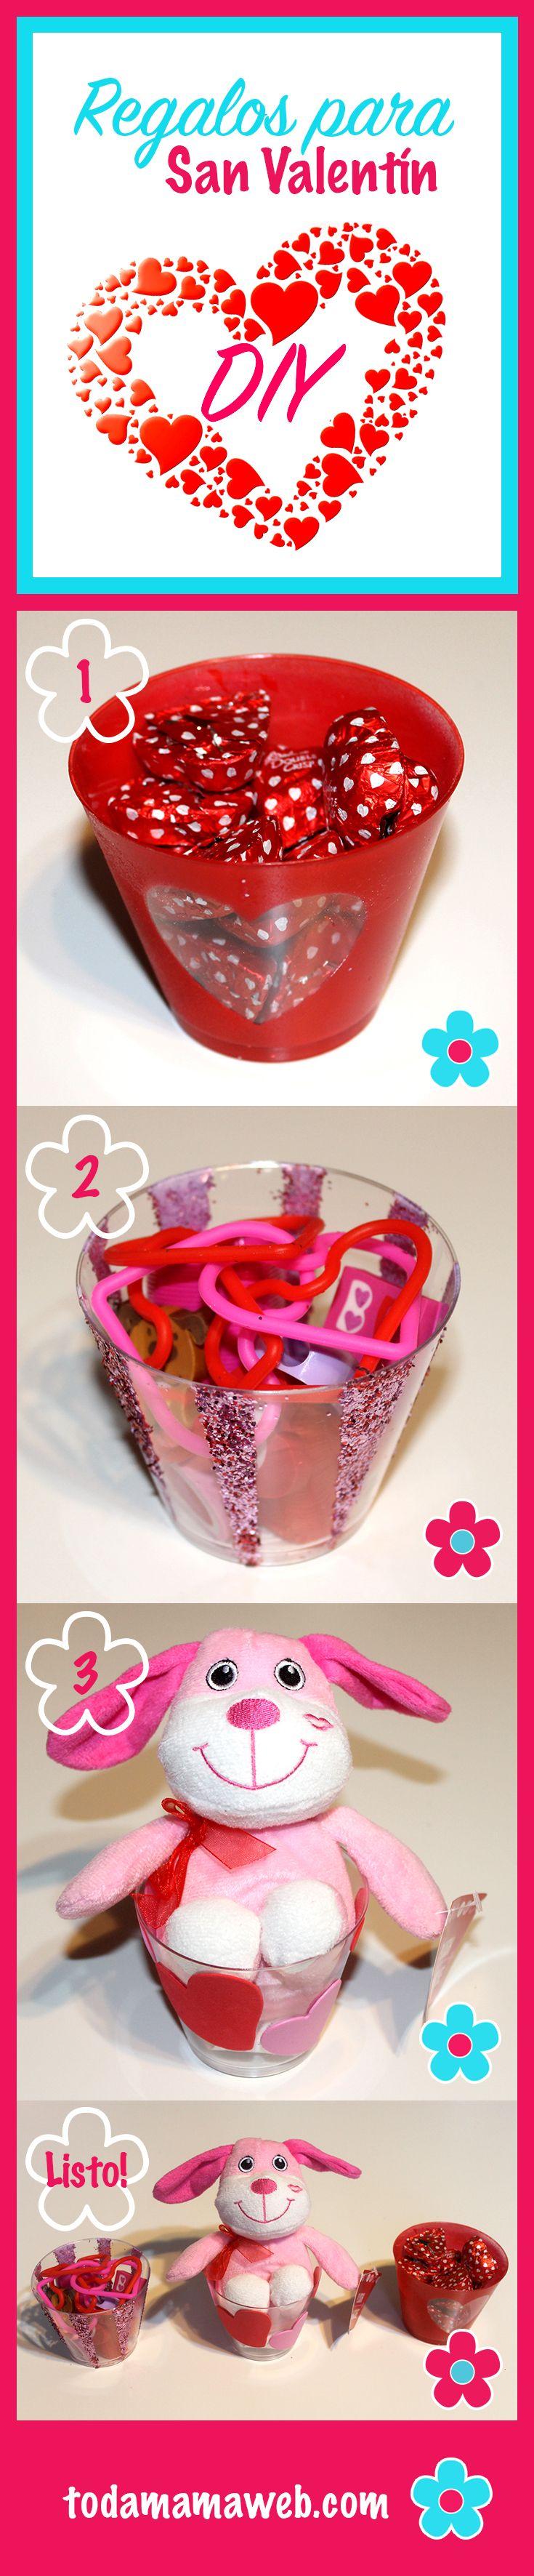 3 envases para meter los regalos de San Valentín. Para el Tutorial en vídeo hacer click! / 3 easy ways to give your Velentine's gifts. Click for Video DIY